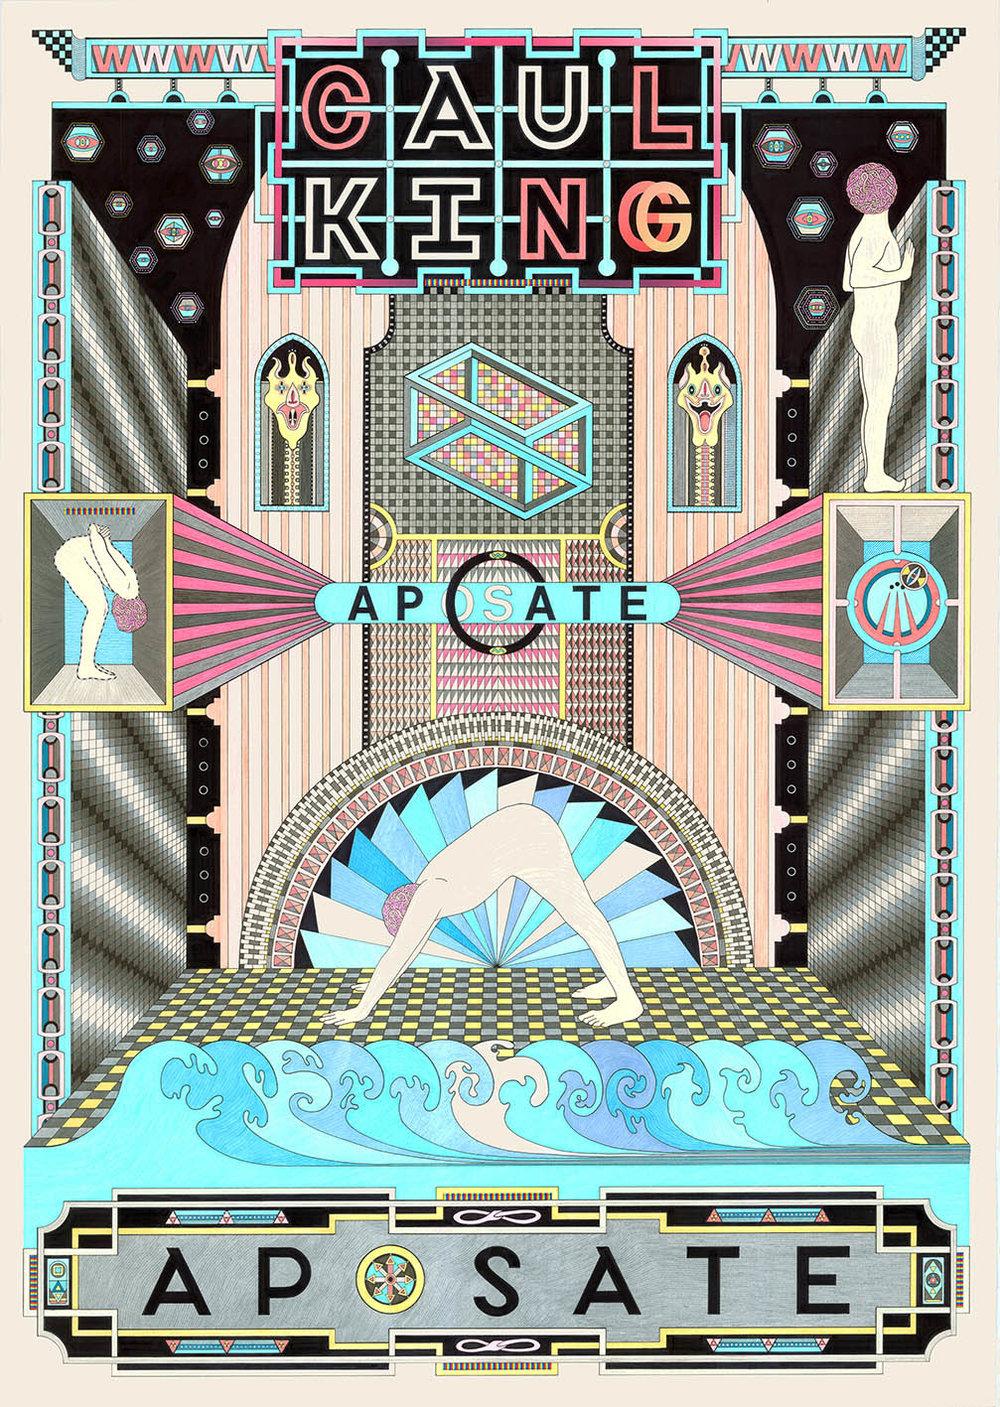 2013 Caul King Aposate_lowres.jpg